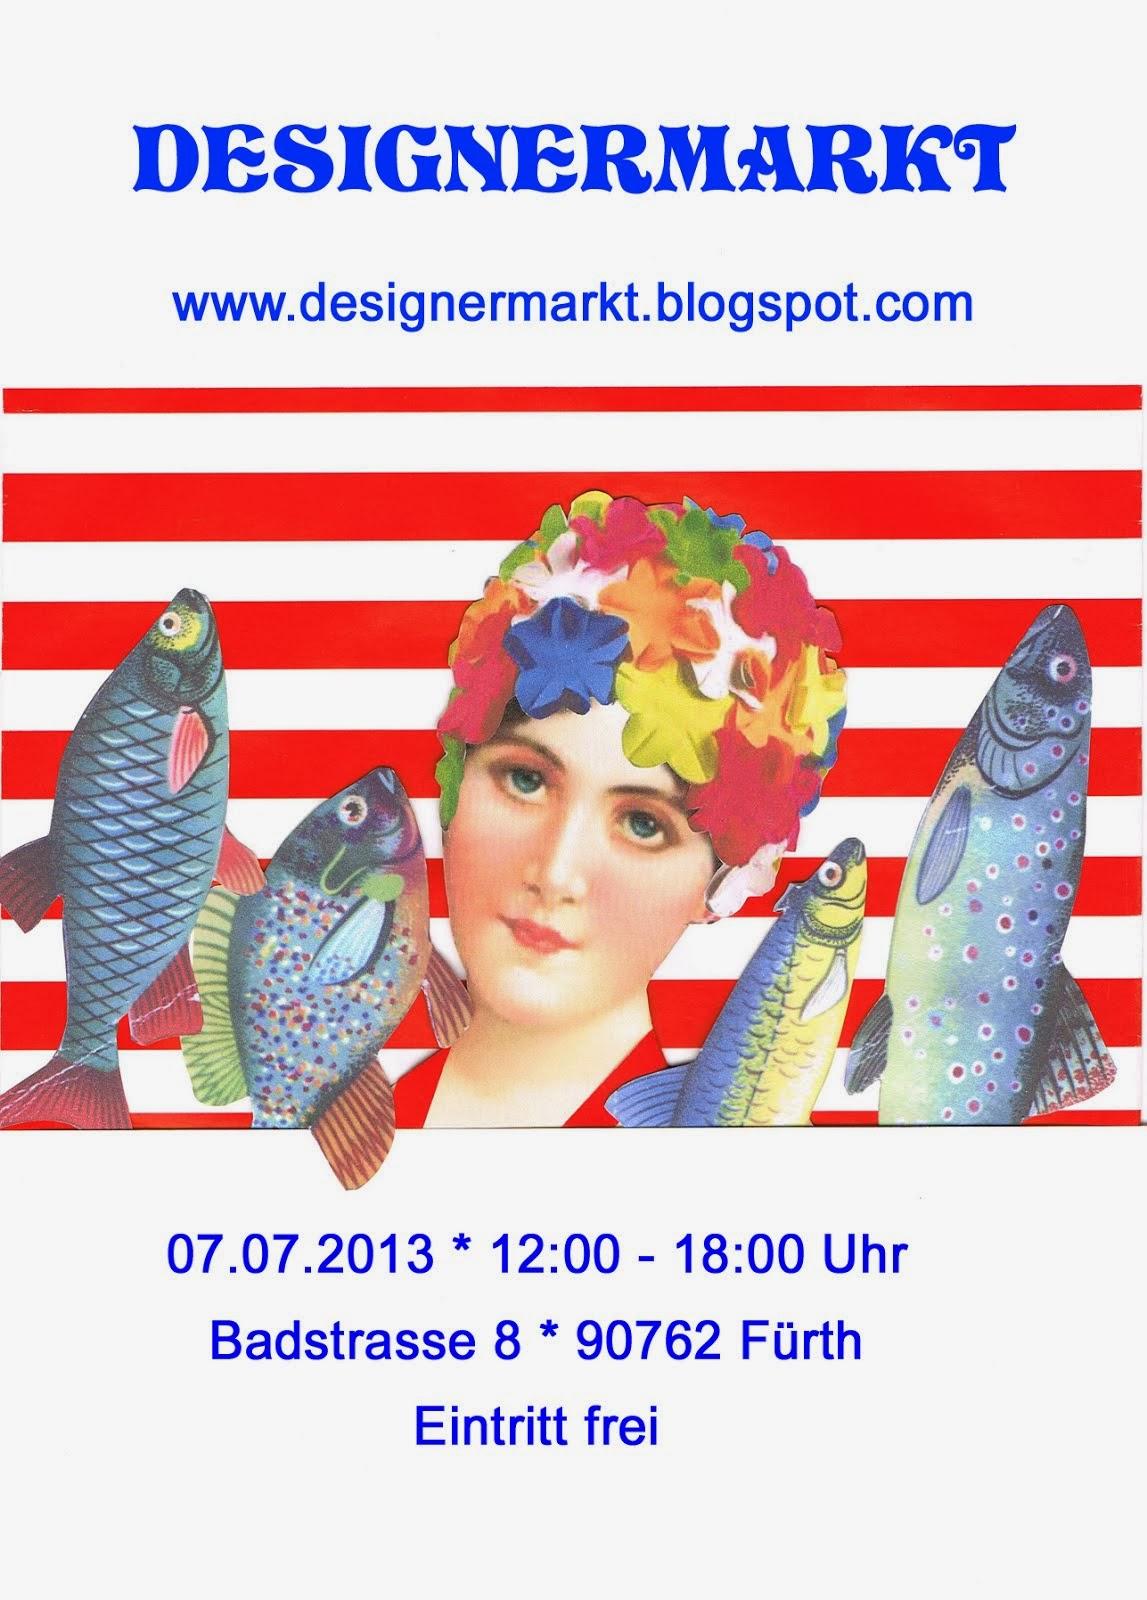 Designermarkt 07.07.2013